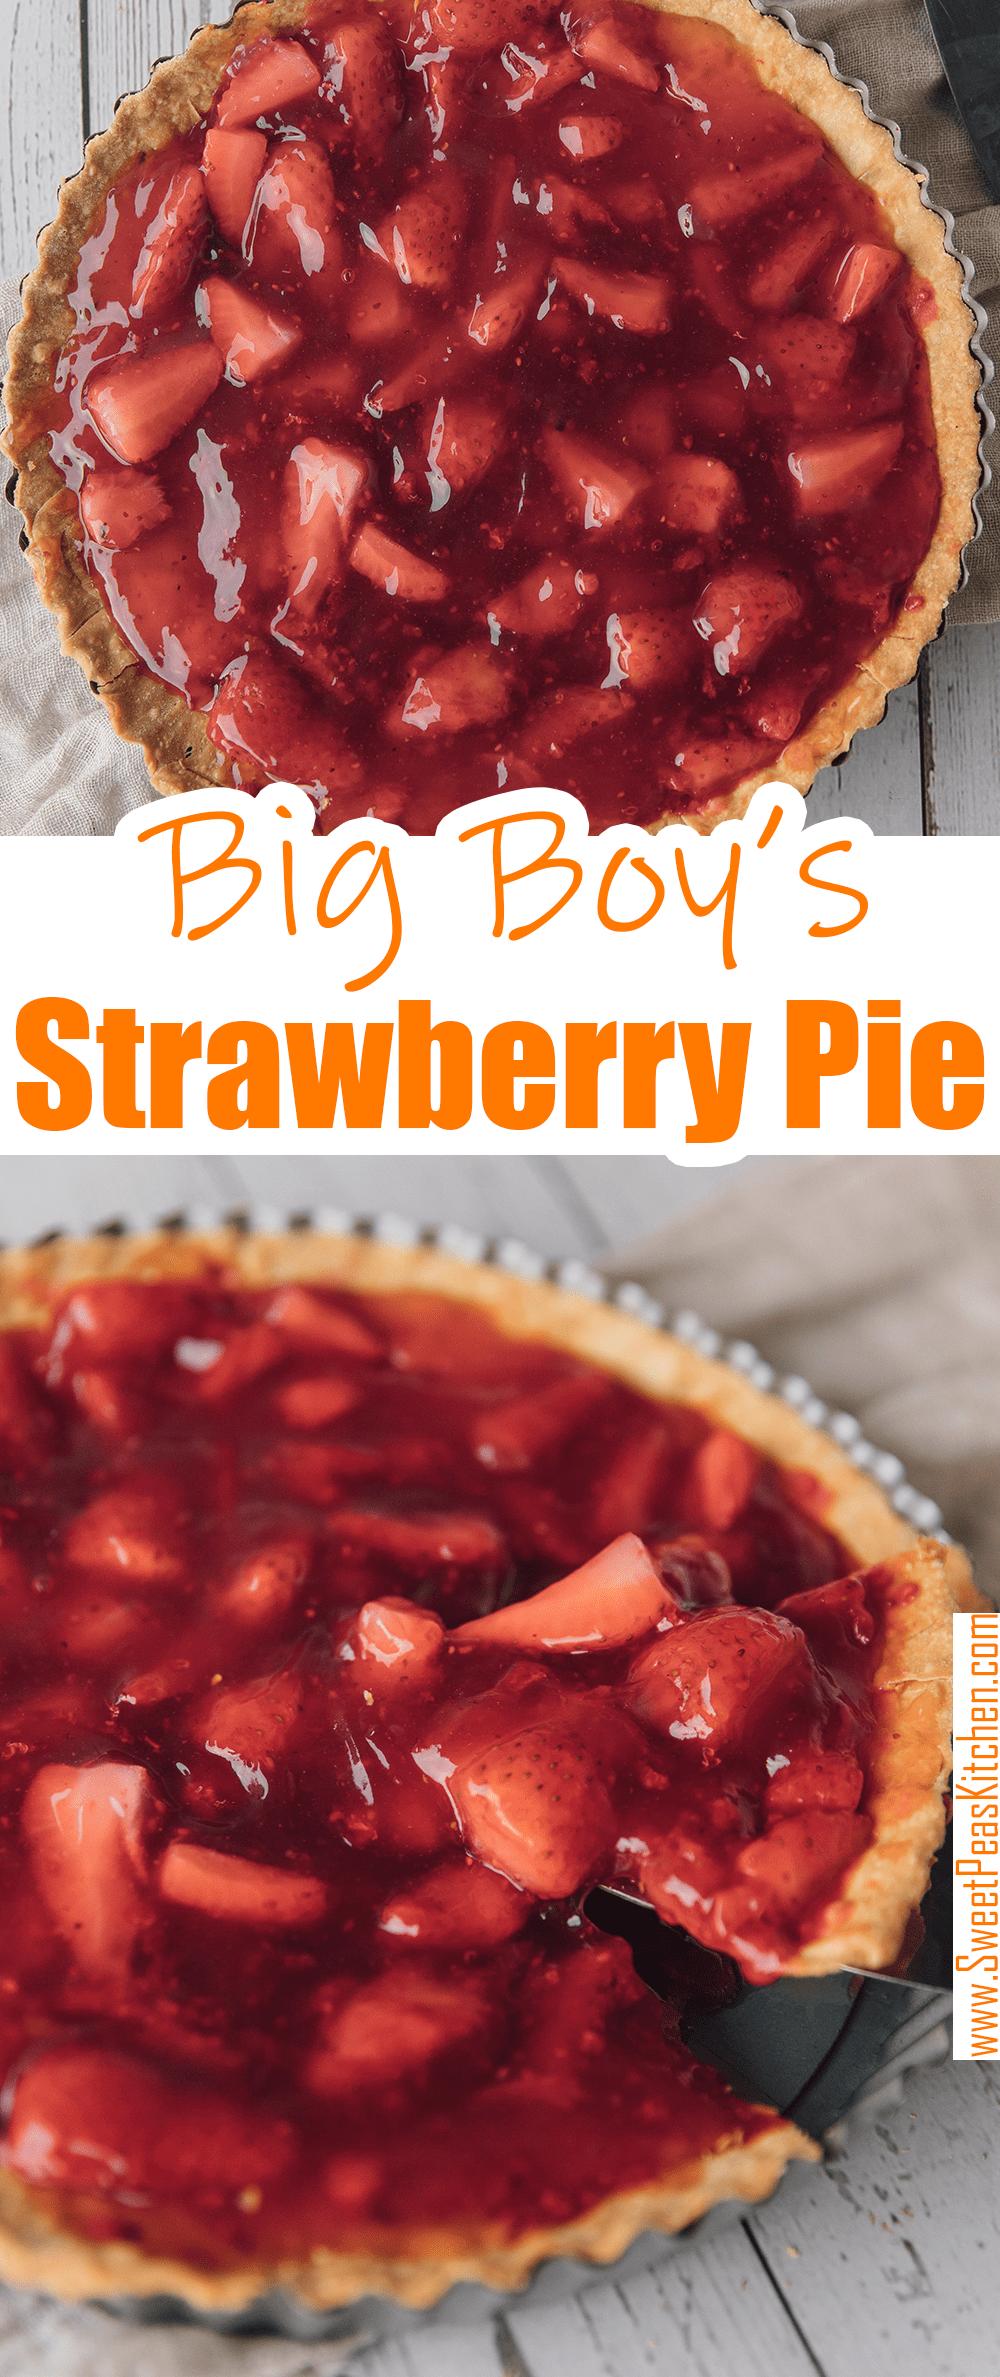 Big Boy's Fresh Strawberry Pie